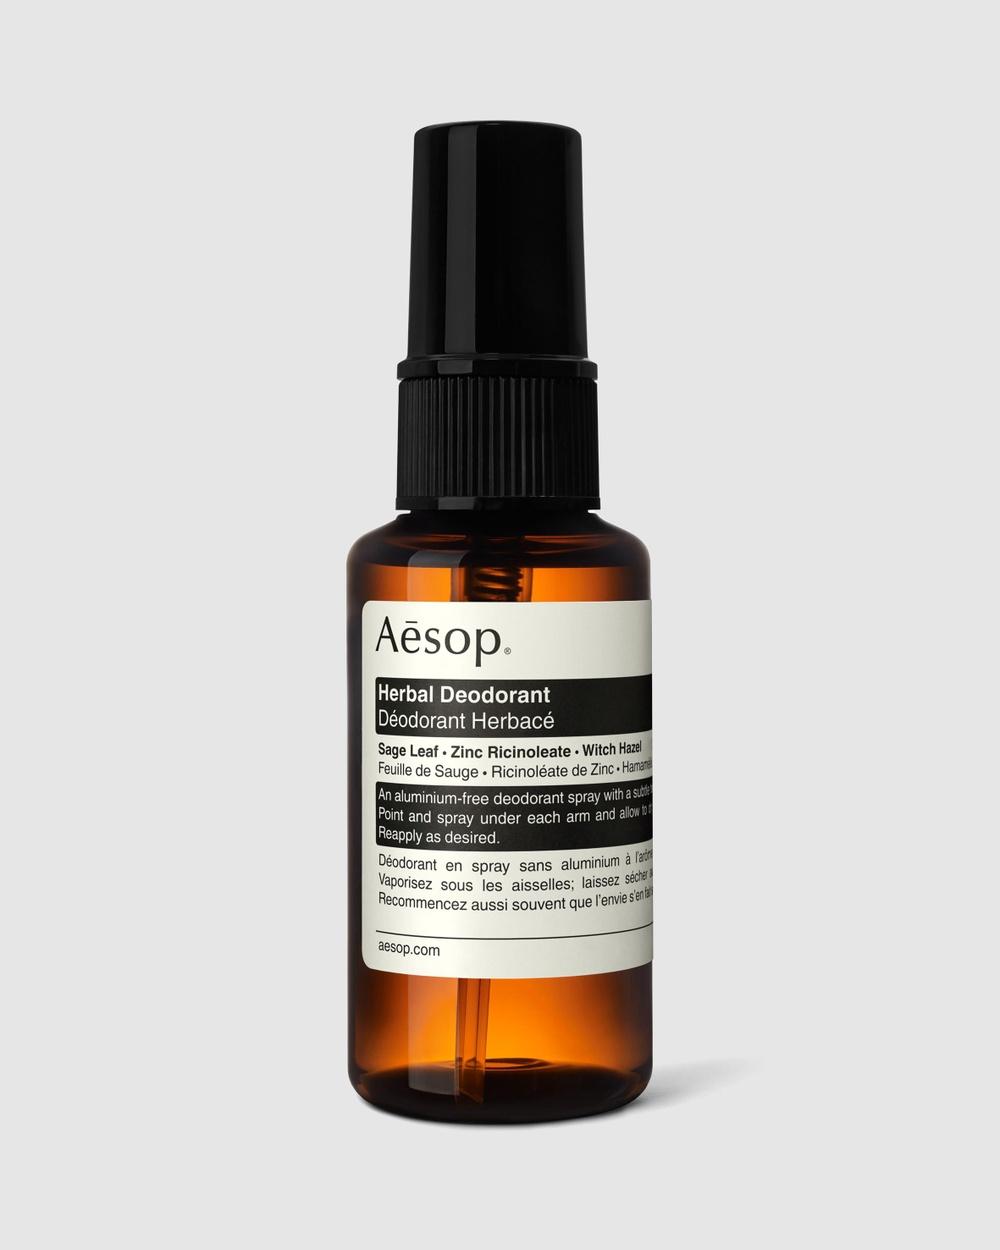 Aesop Herbal Deodorant 50mL Beauty N/A